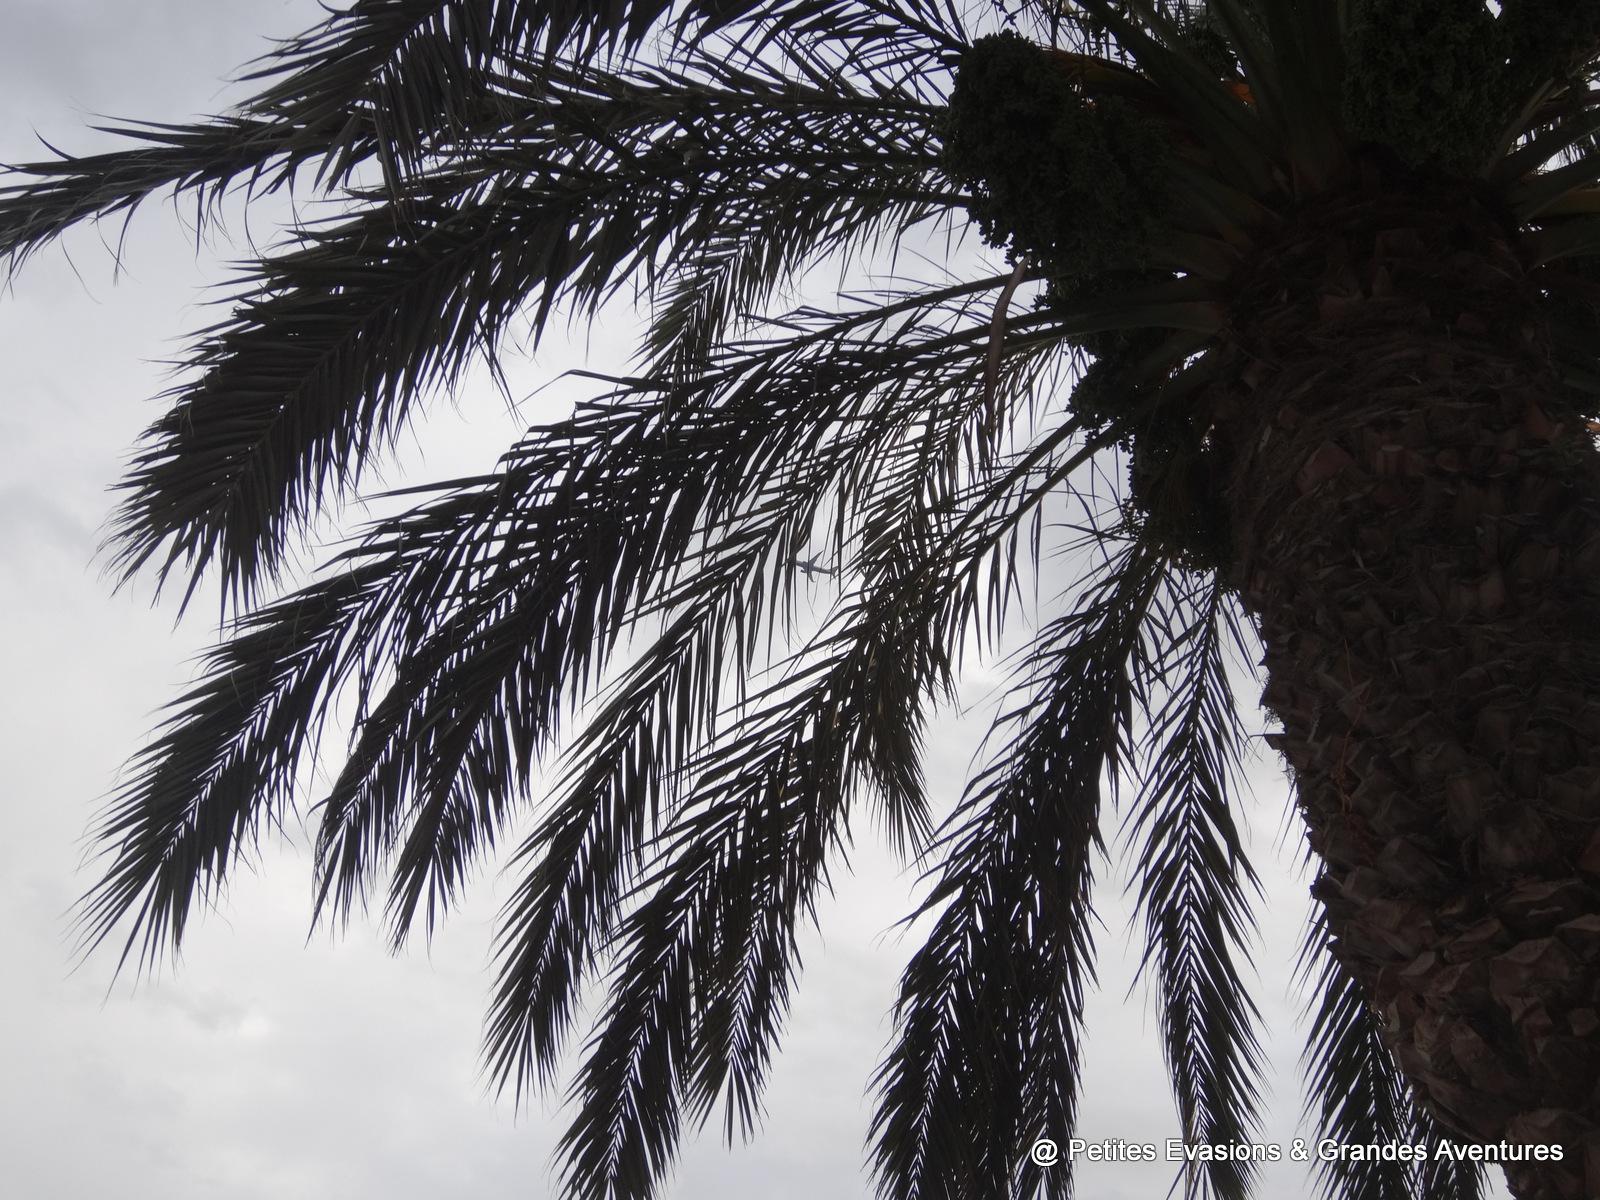 Palmier vu d'en dessous